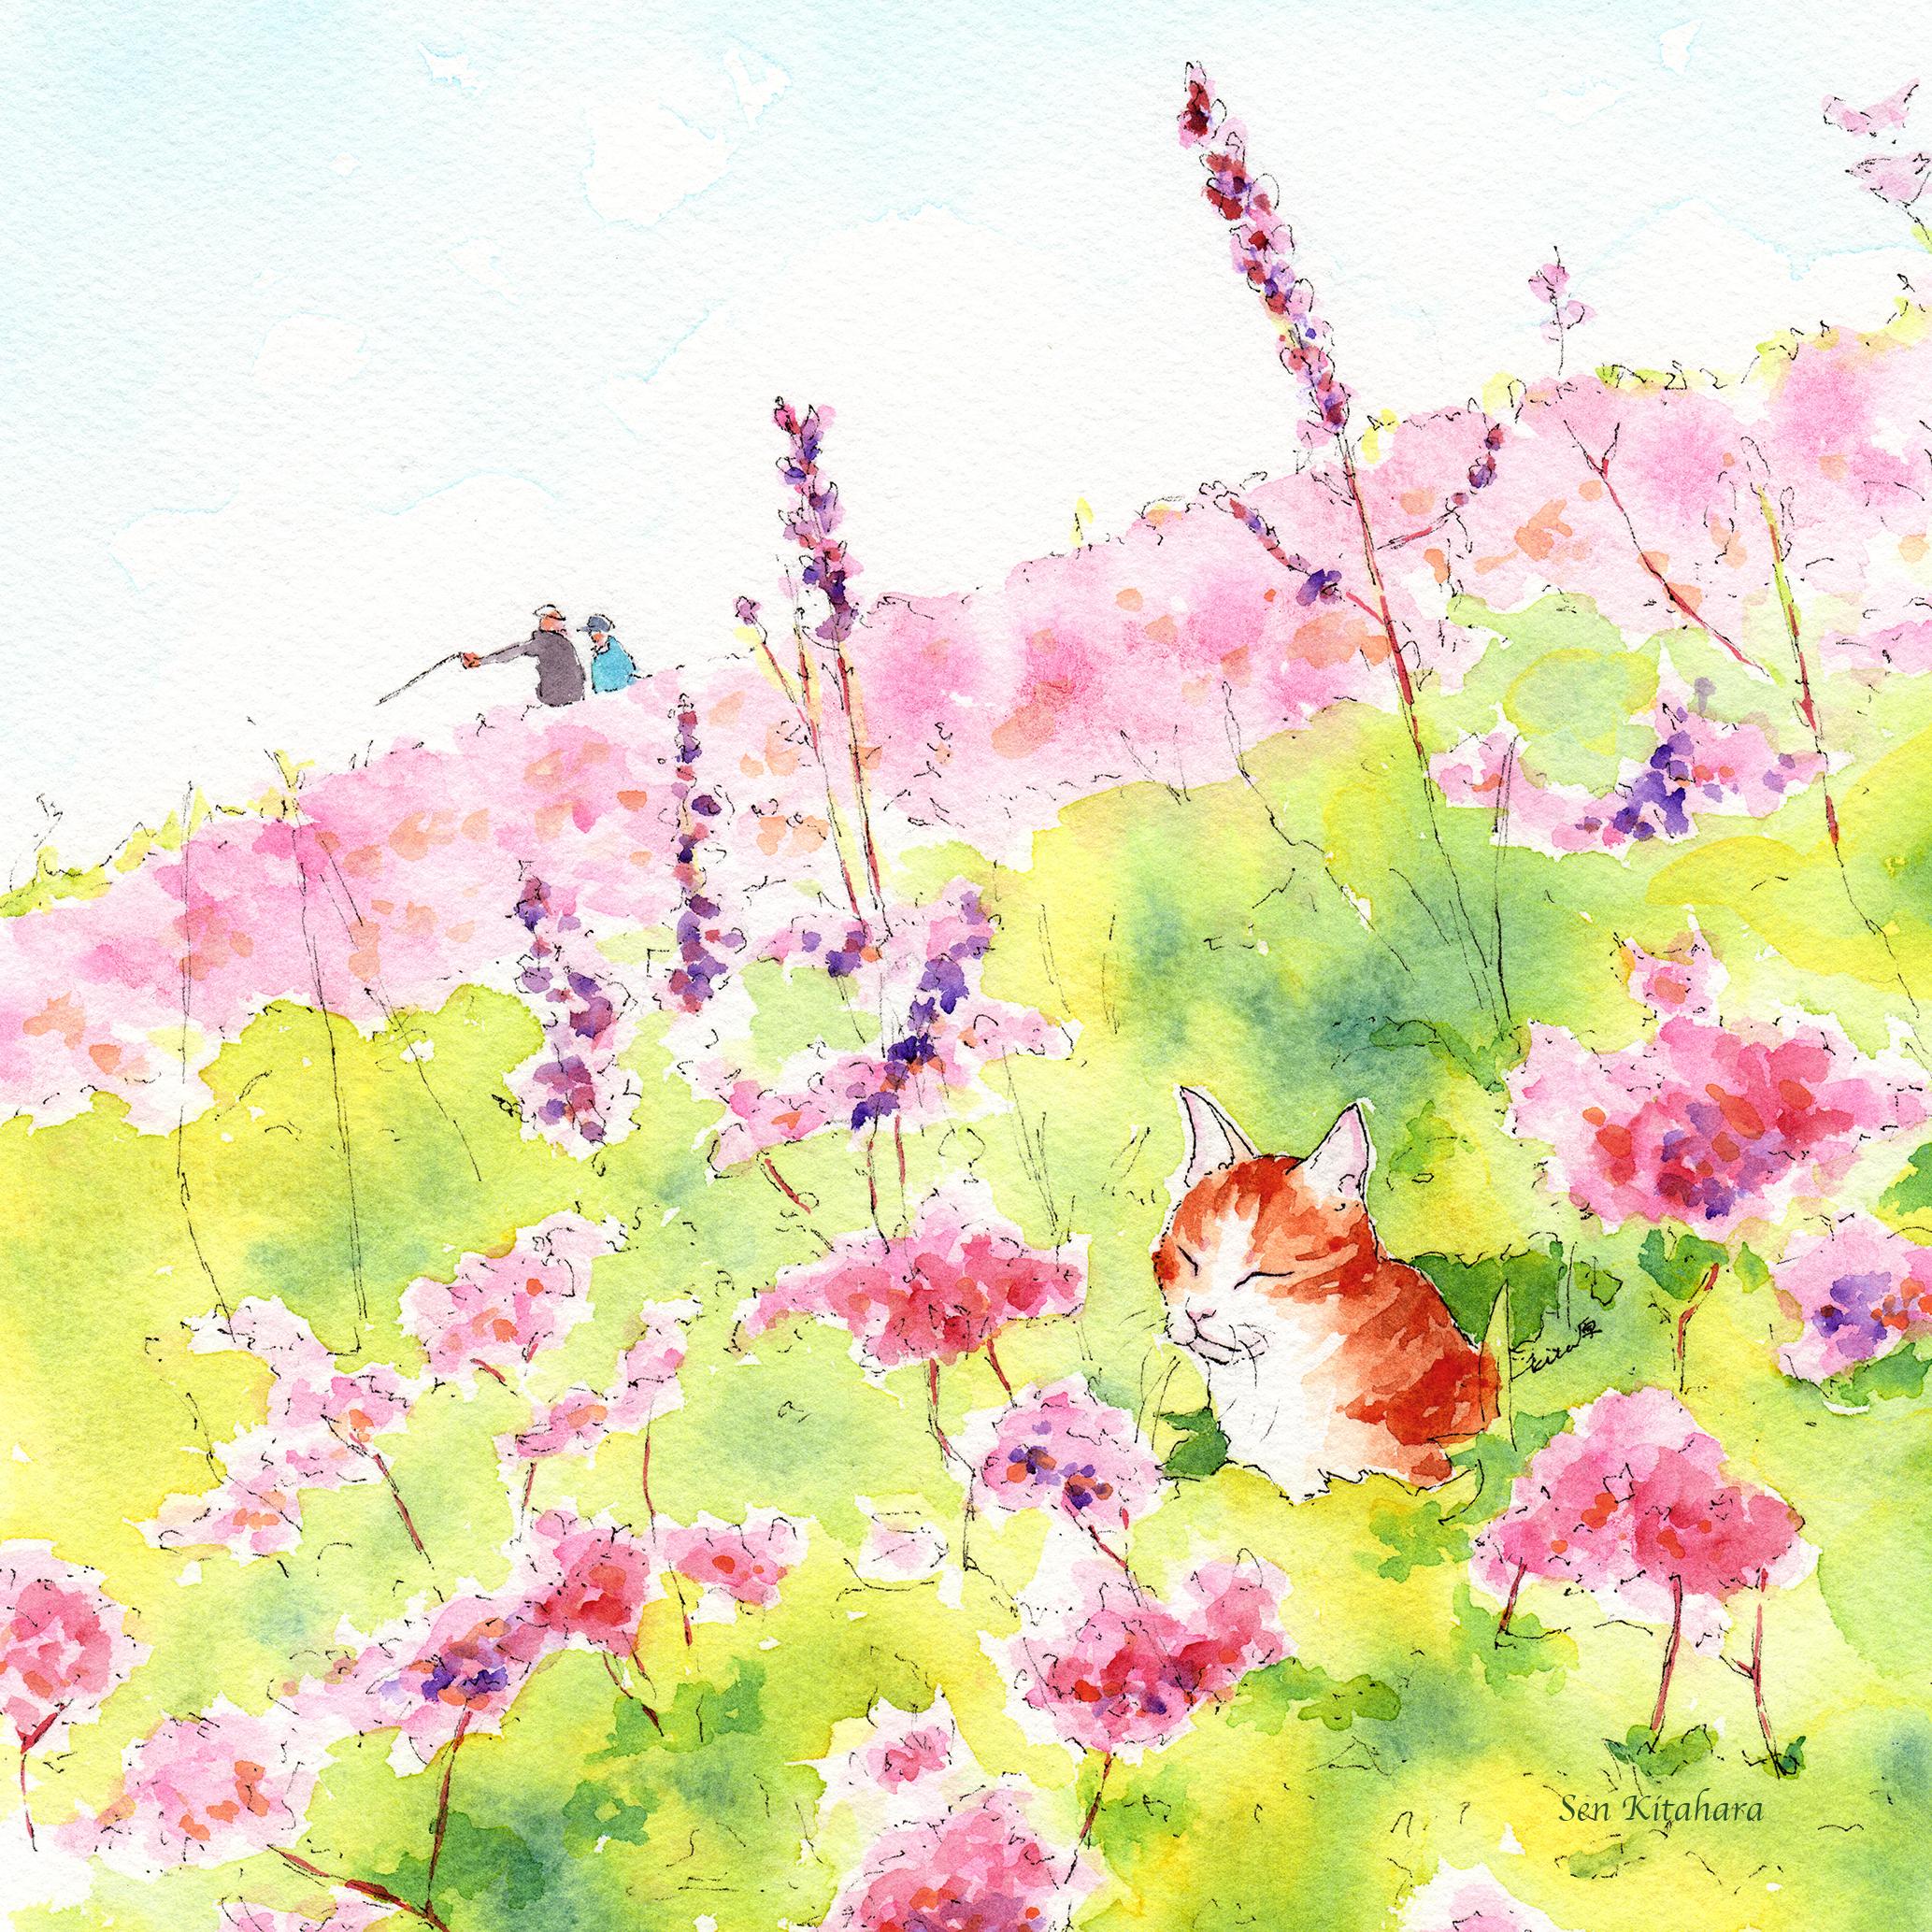 絵画 インテリア アートパネル 雑貨 壁掛け 置物 おしゃれ 水彩画 創作 猫 ネコ ねこ 動物 ロココロ 画家 : 北原 千 作品 : お日様ぽかぽか